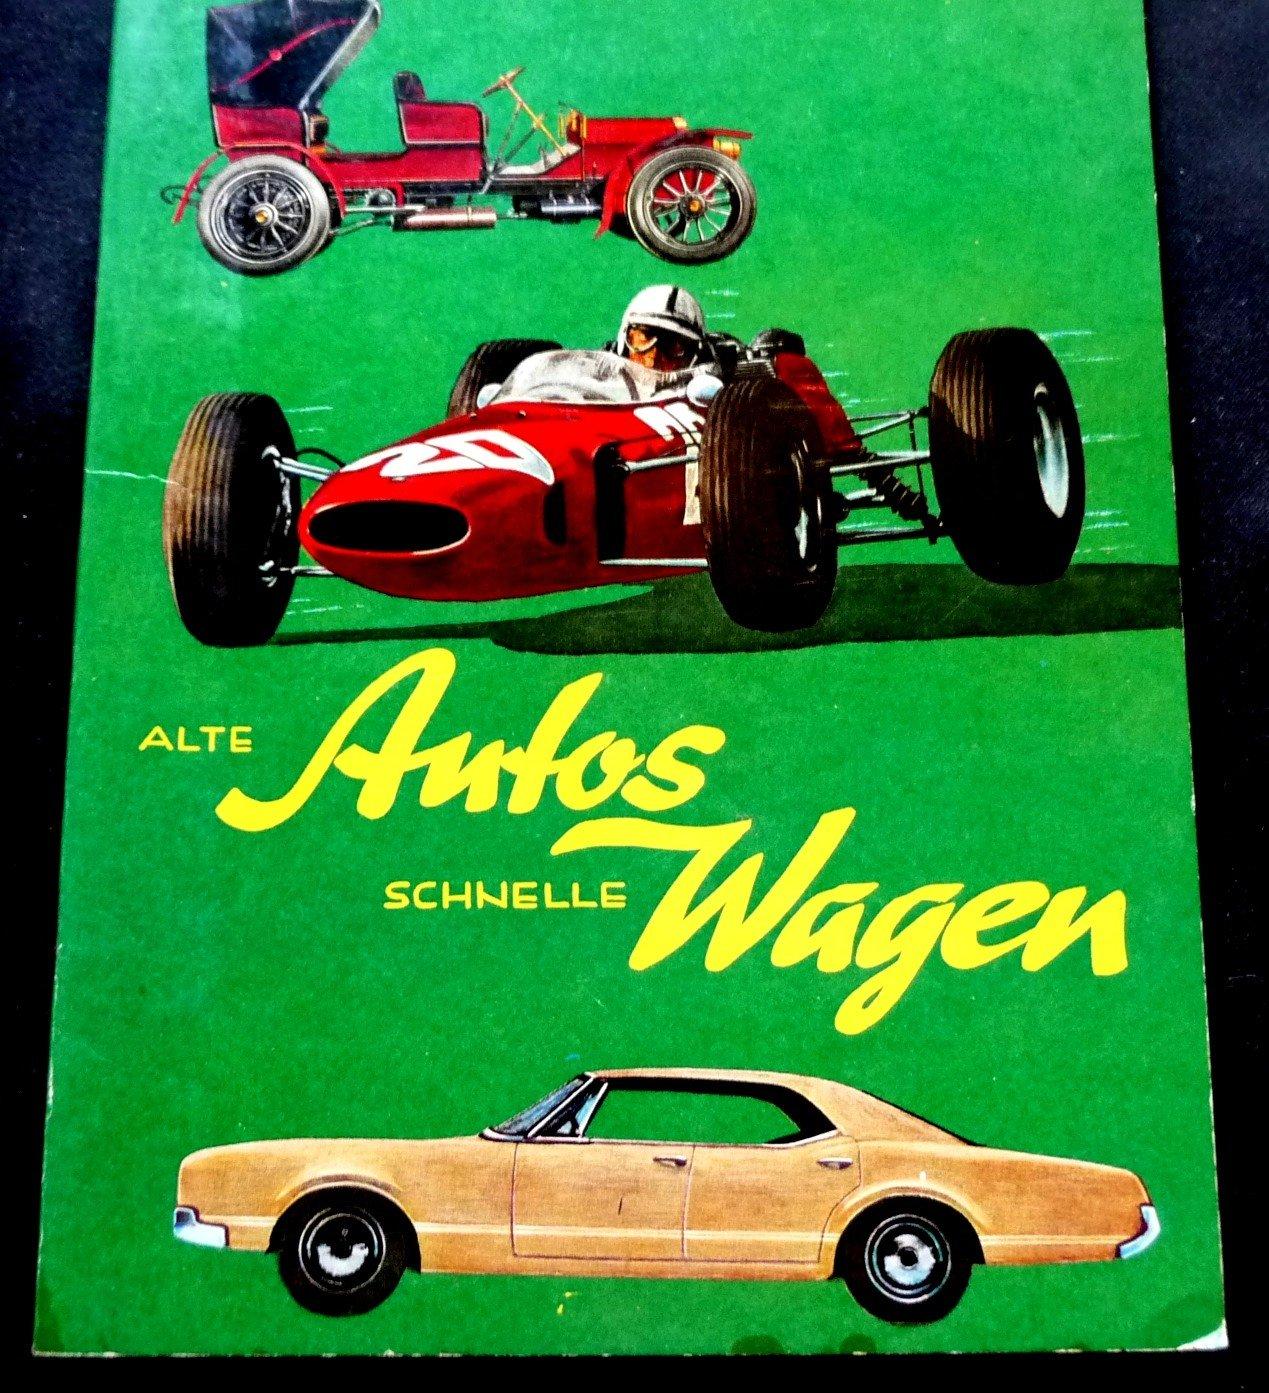 Ausgezeichnet Neue Elektrische Schaltpläne Für Autos 1989 Bilder ...